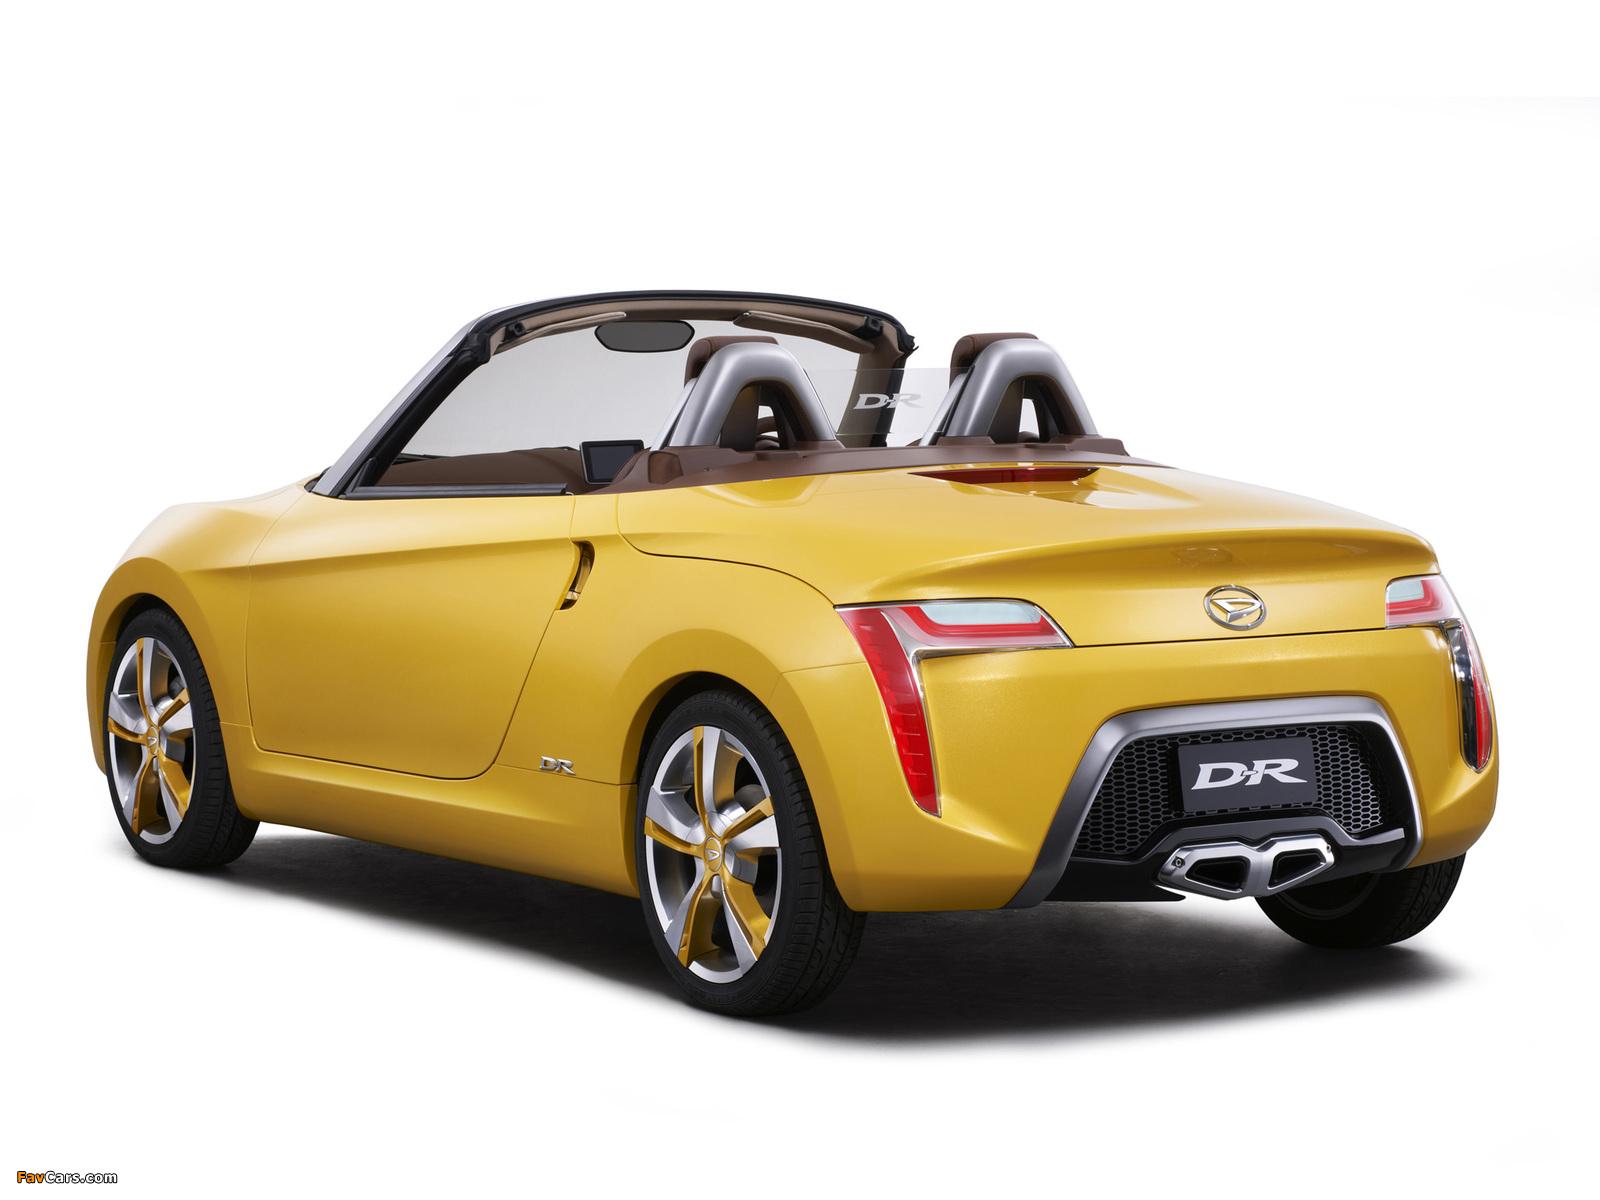 Daihatsu D-R Concept 2012 photos (1600 x 1200)